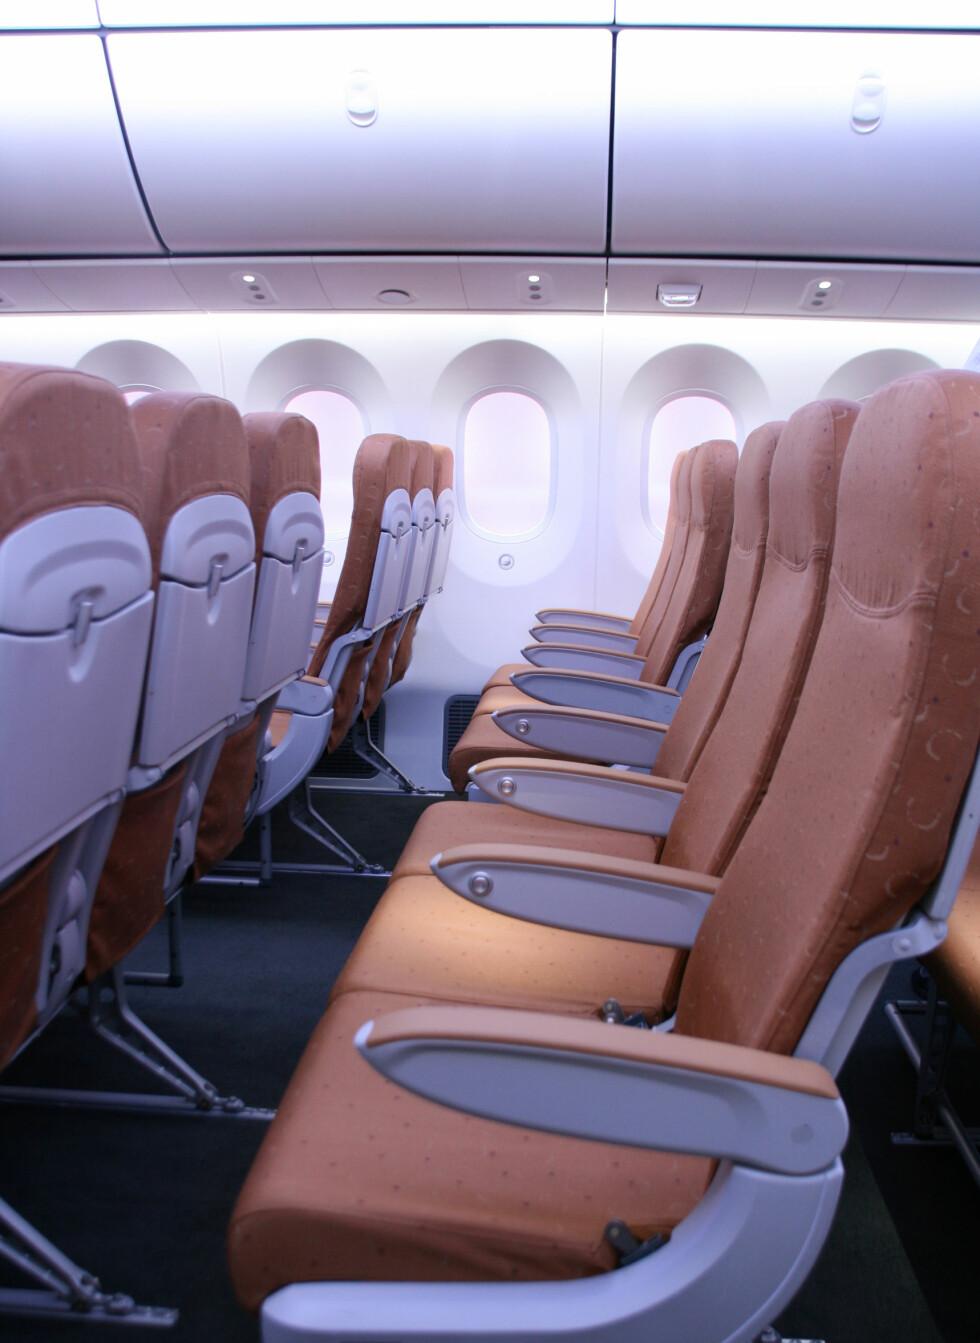 Setene på økonomiklasse er ganske ordinære, og kan selvsagt tilpasses flyselskapenes ønsker. Her ser du godt hvor store vinduene i flyet er, og hvor høyt oppe de er plassert. Foto: Kim Jansson